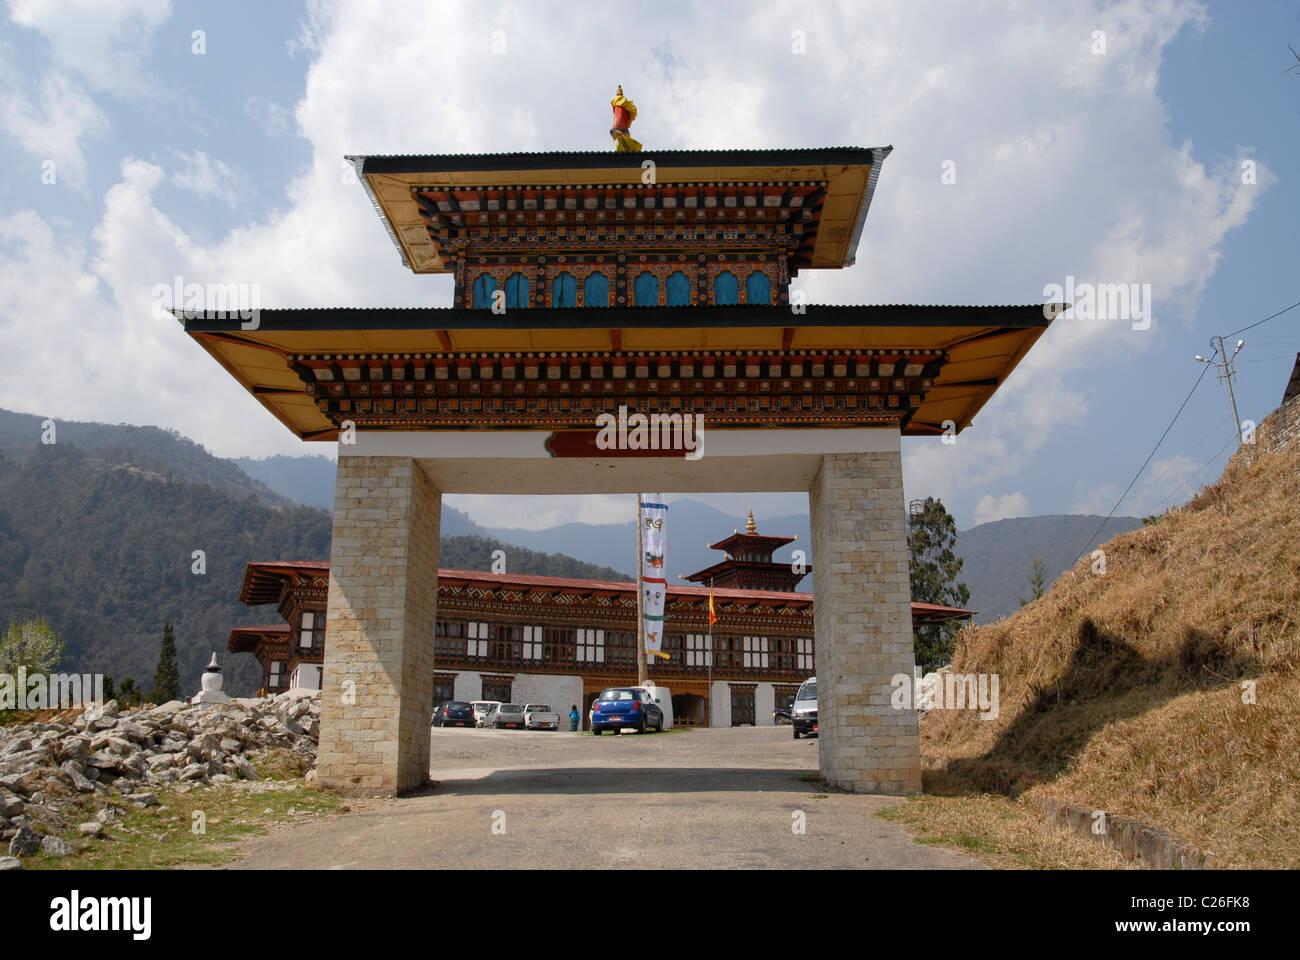 Entrance to the Dzong, Trashiyangtse, East Bhutan - Stock Image